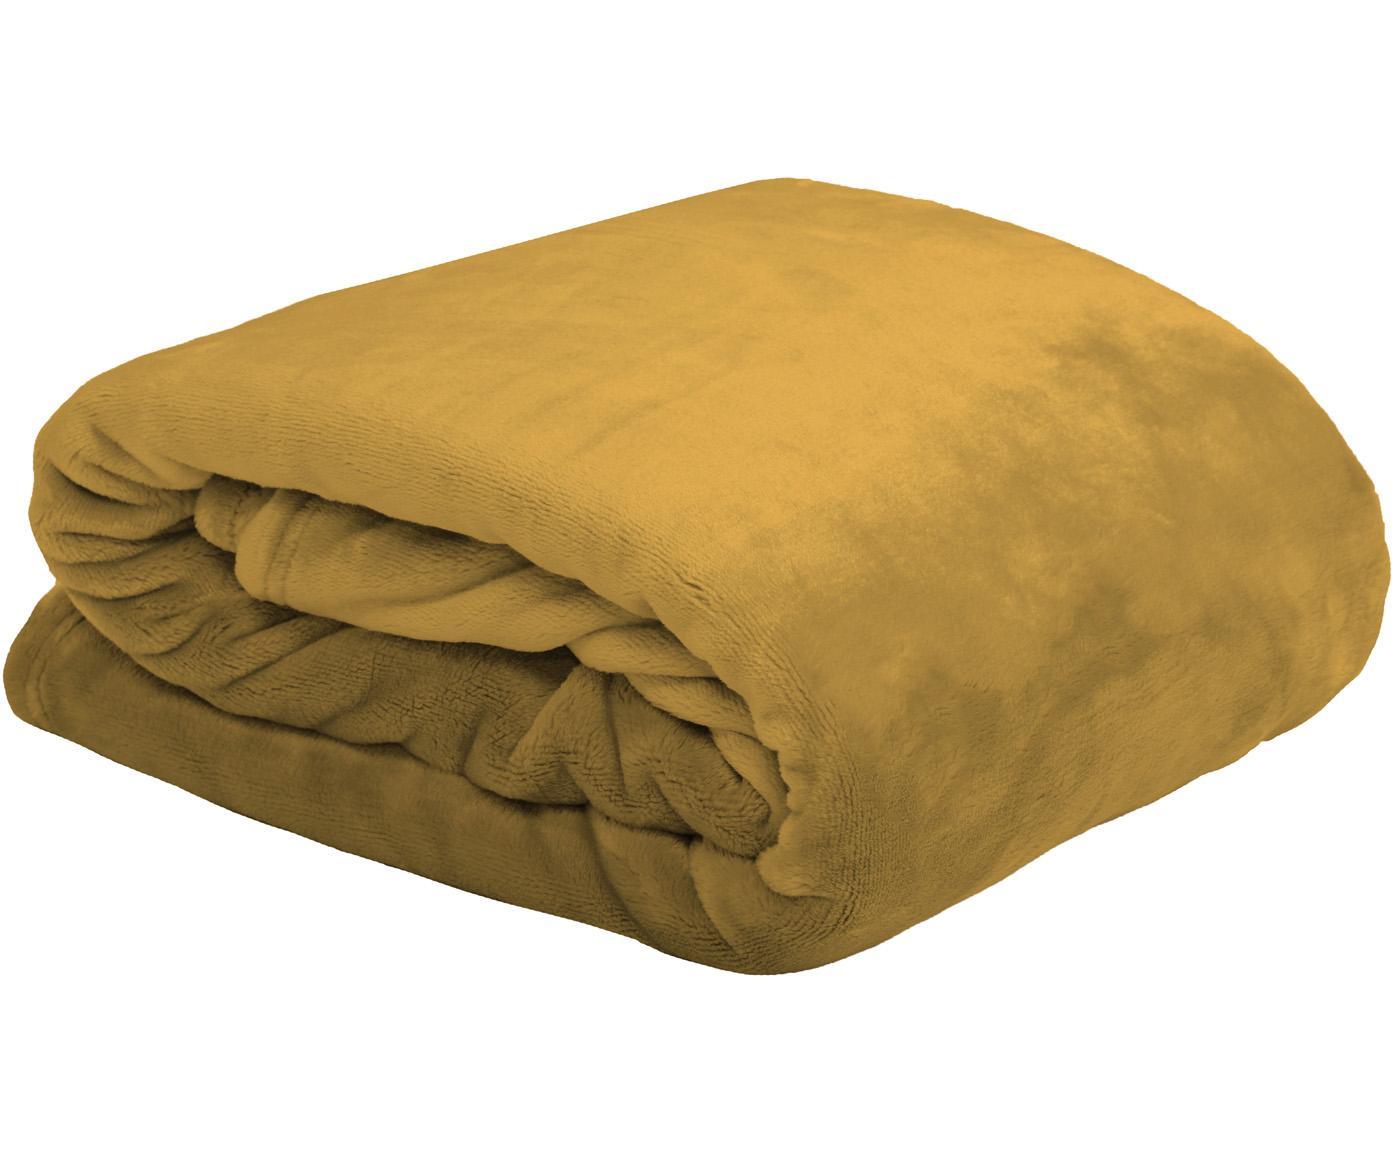 Weiches Fleece-Plaid Doudou in Senfgelb, 100% Polyester, Senfgelb, 130 x 160 cm